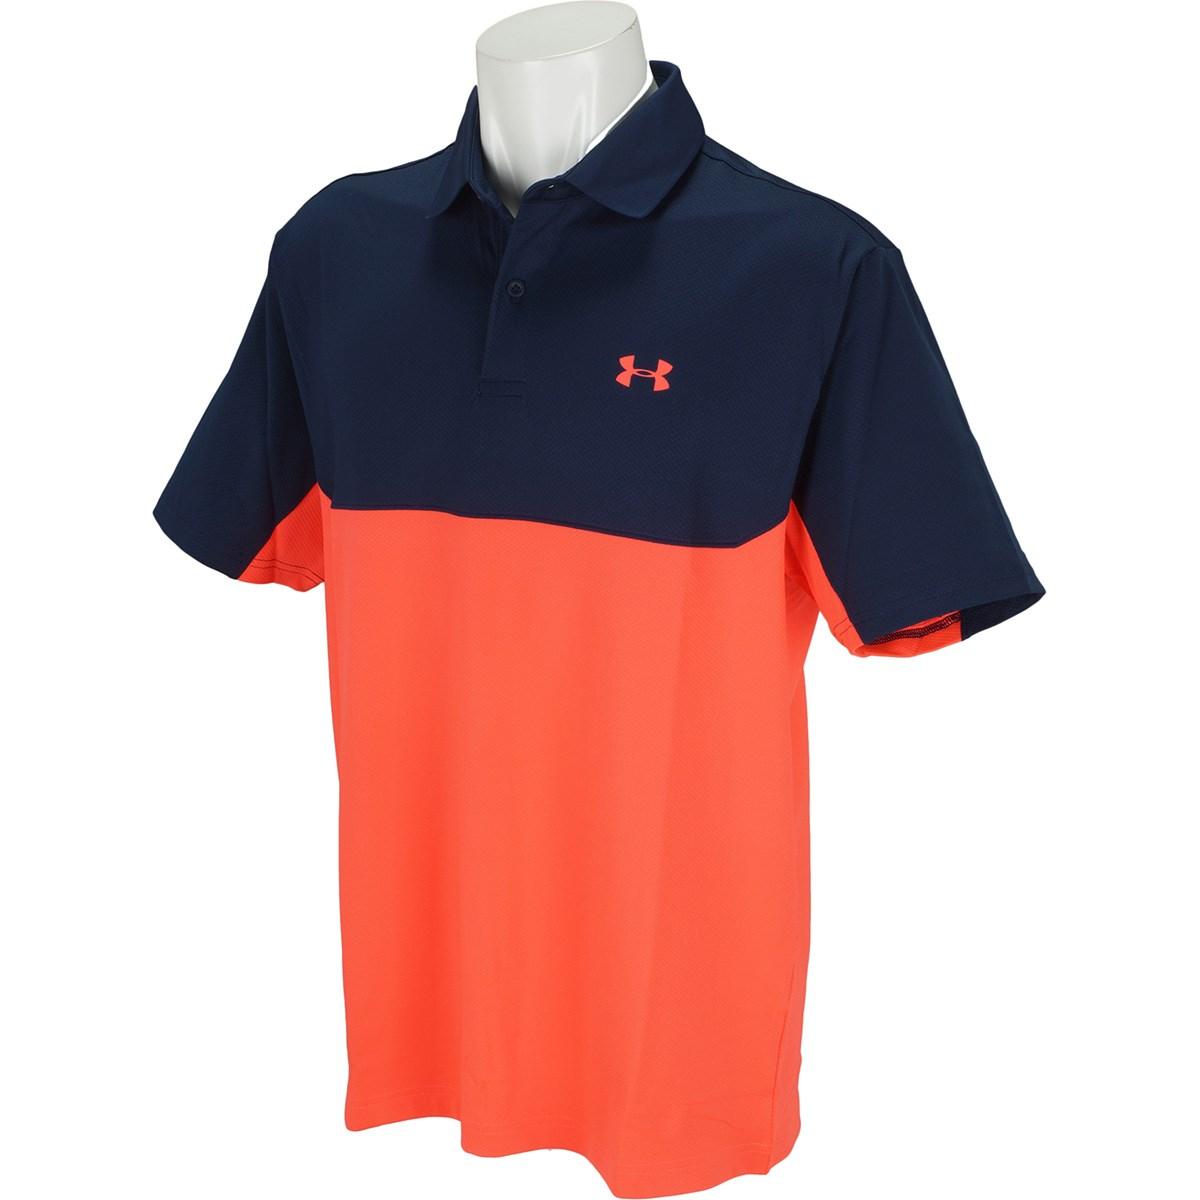 アンダーアーマー(UNDER ARMOUR) UA 2.0 カラーブロック パフォーマンス半袖ポロシャツ